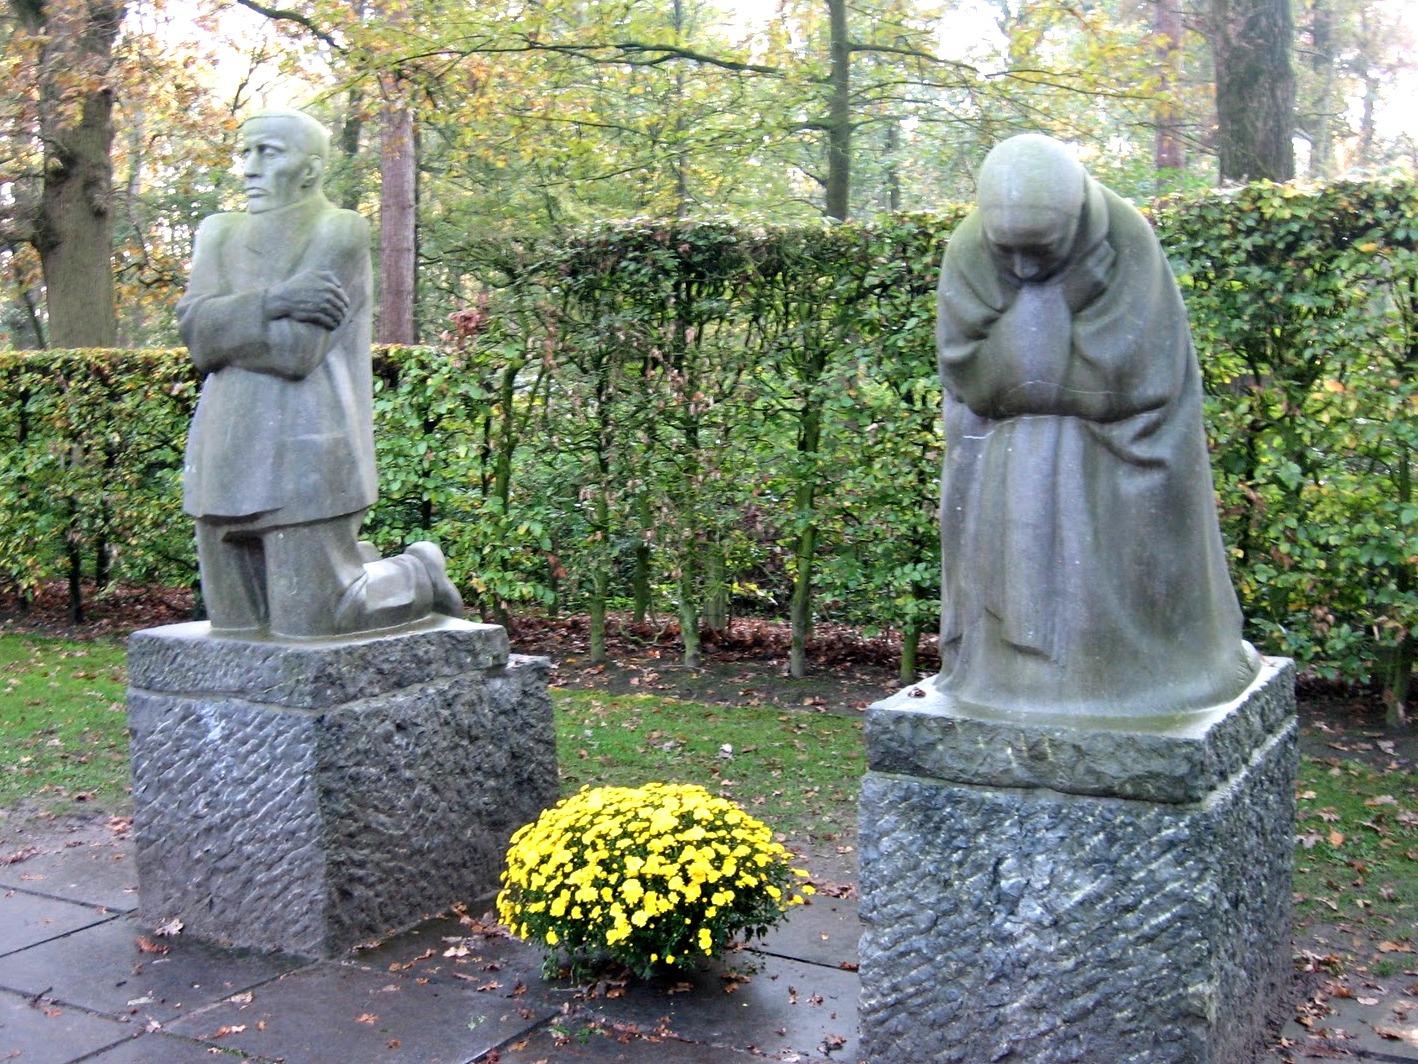 Käthe Kollwitz sculptures, Vladso German Cemetery